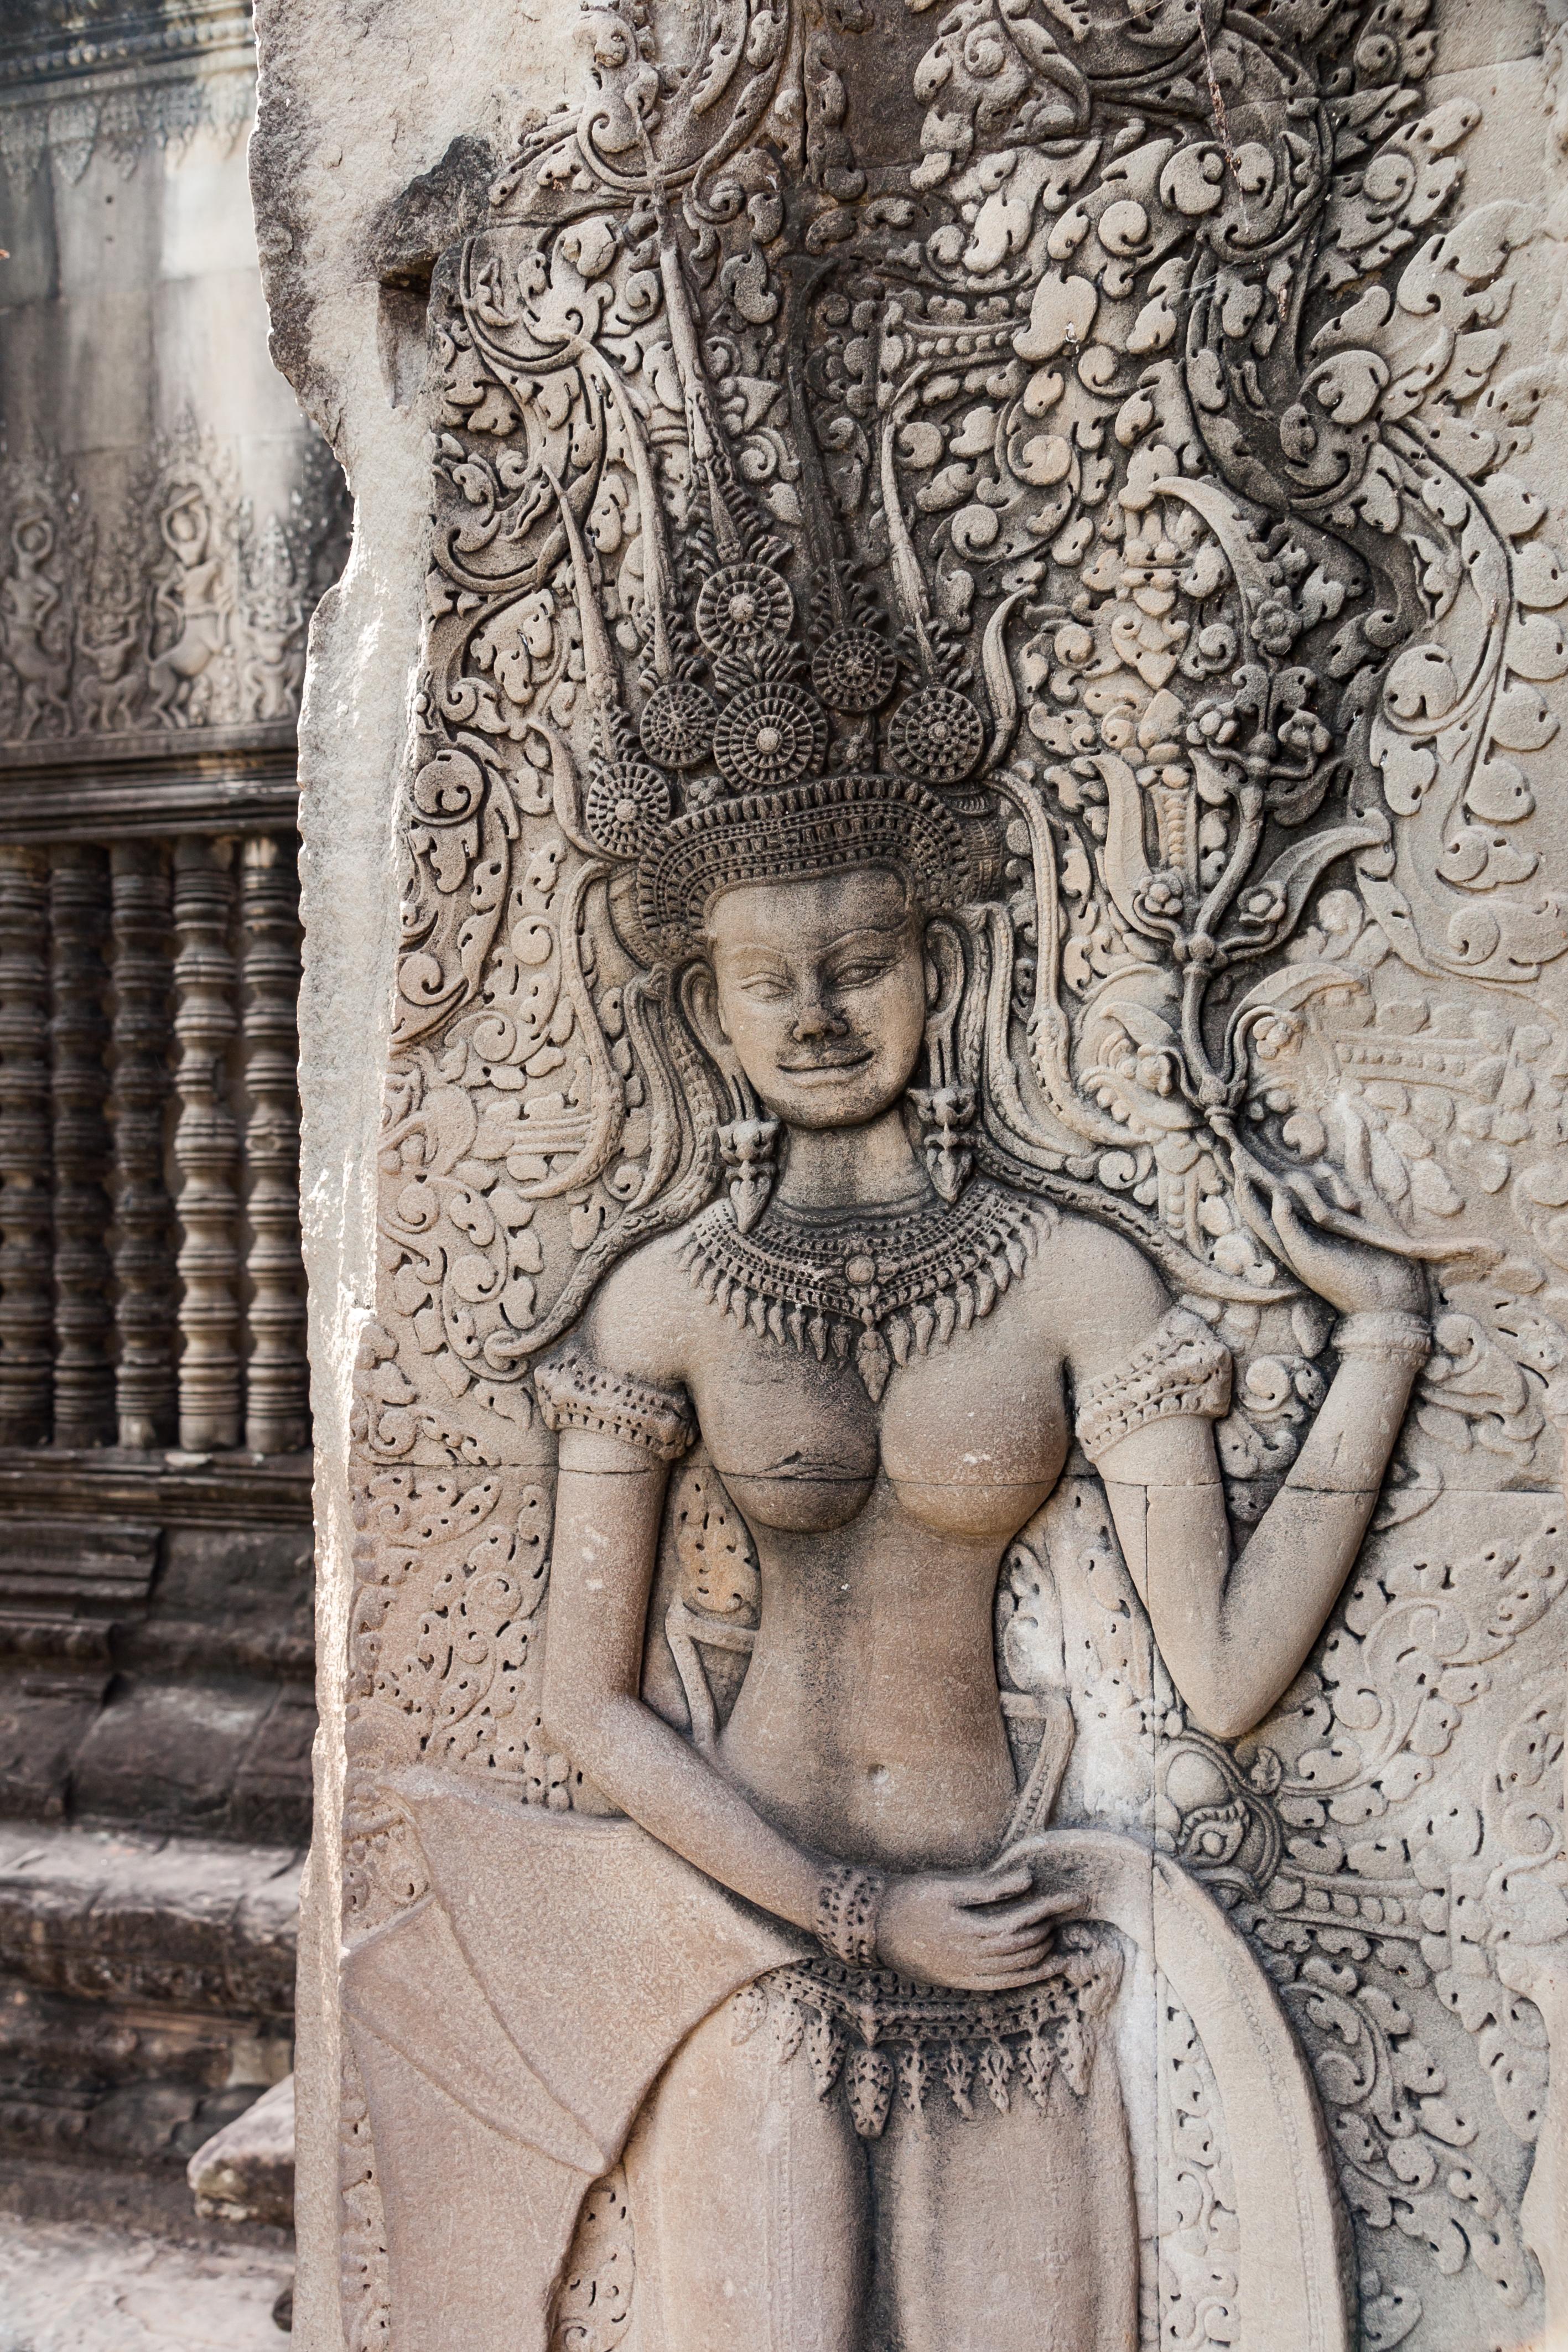 Depiction of Apsara in Angkor Wat, Cambodia. Photo taken on November 24, 2009.